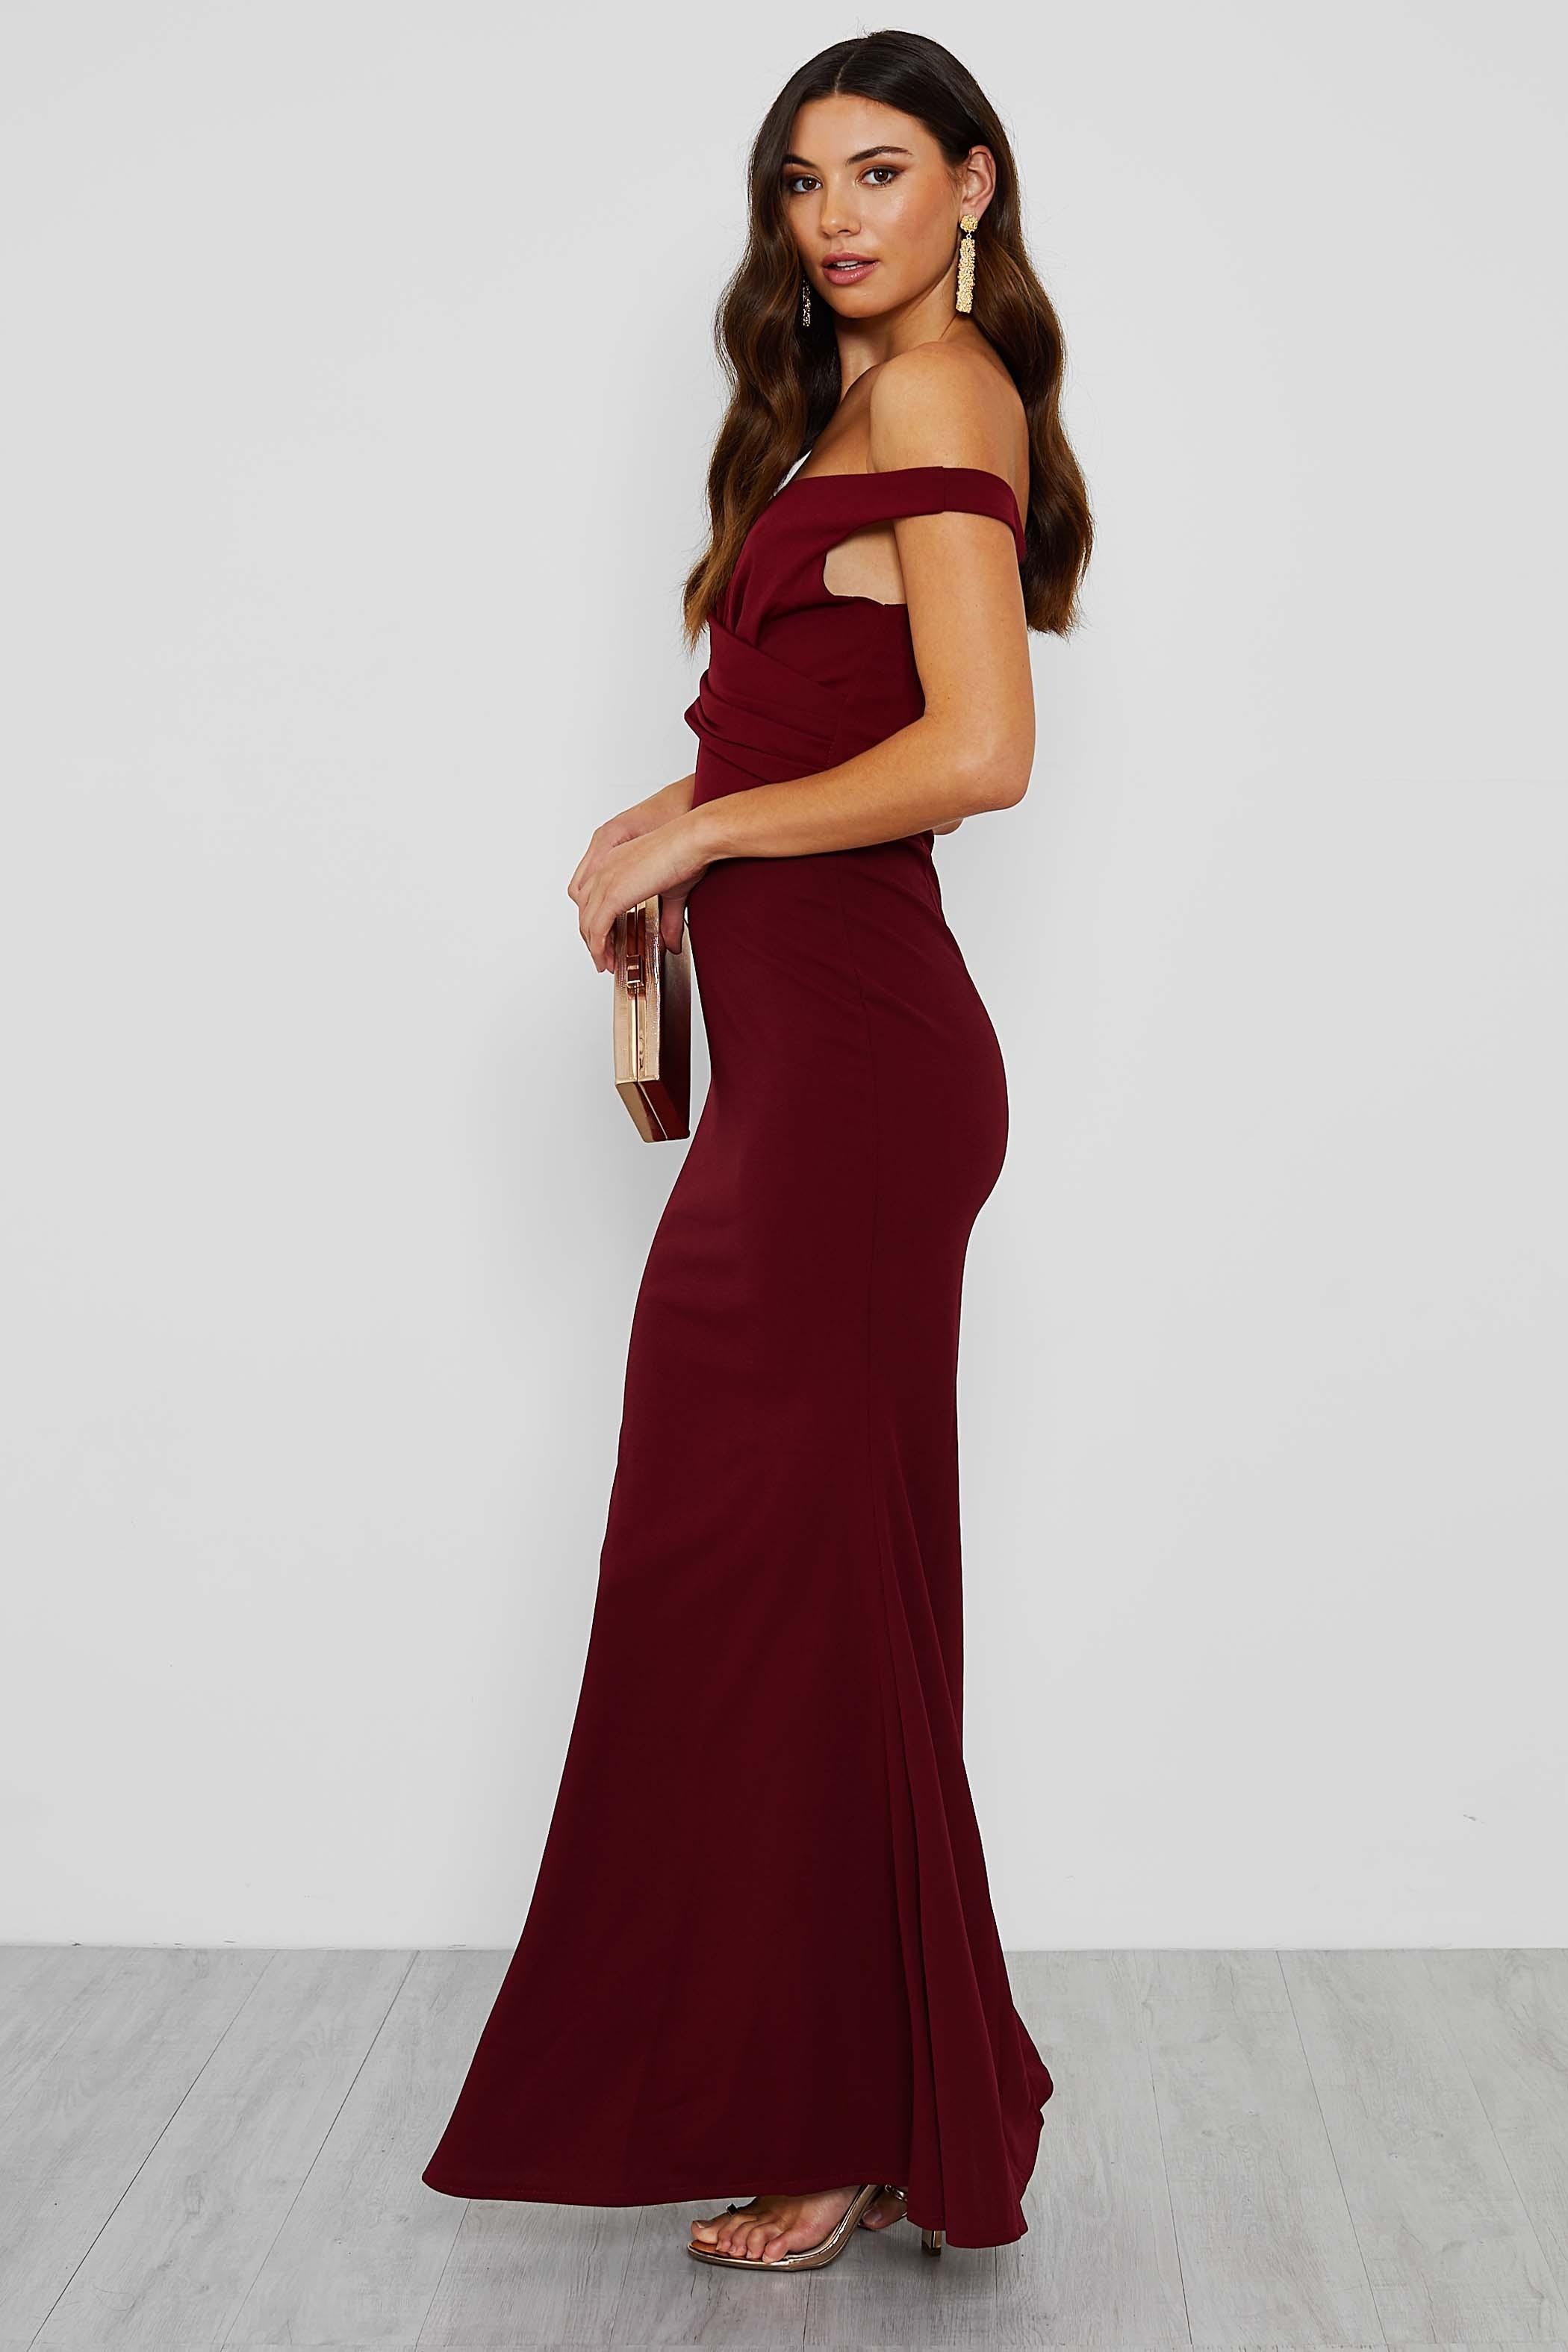 Walg Off Shoulder Burgundy Maxi Dress Walg Maxi Dress